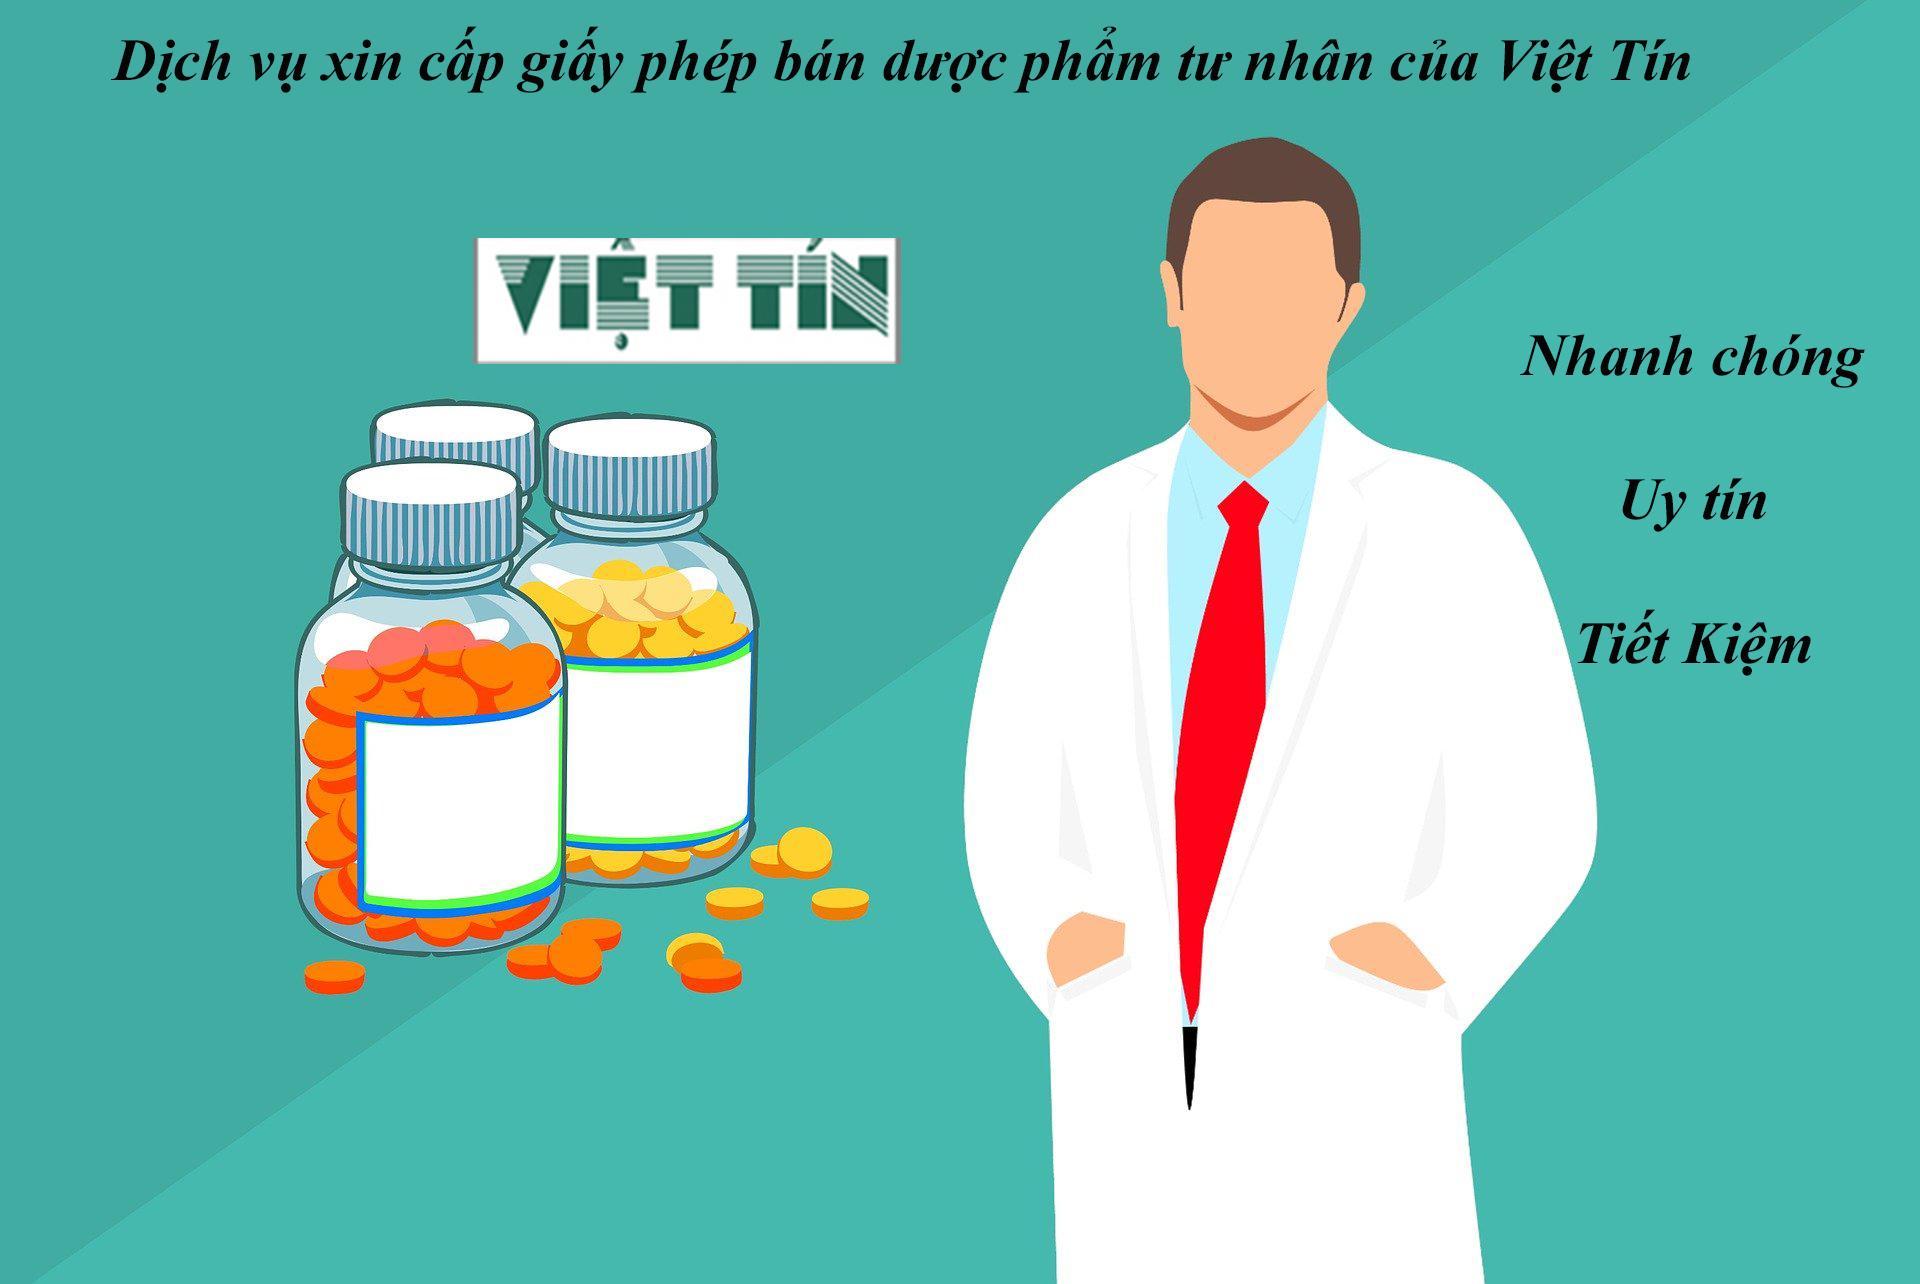 Dịch vụ cấp giấy phép kinh doanh dược dễ dàng cùng Luật Việt Tín